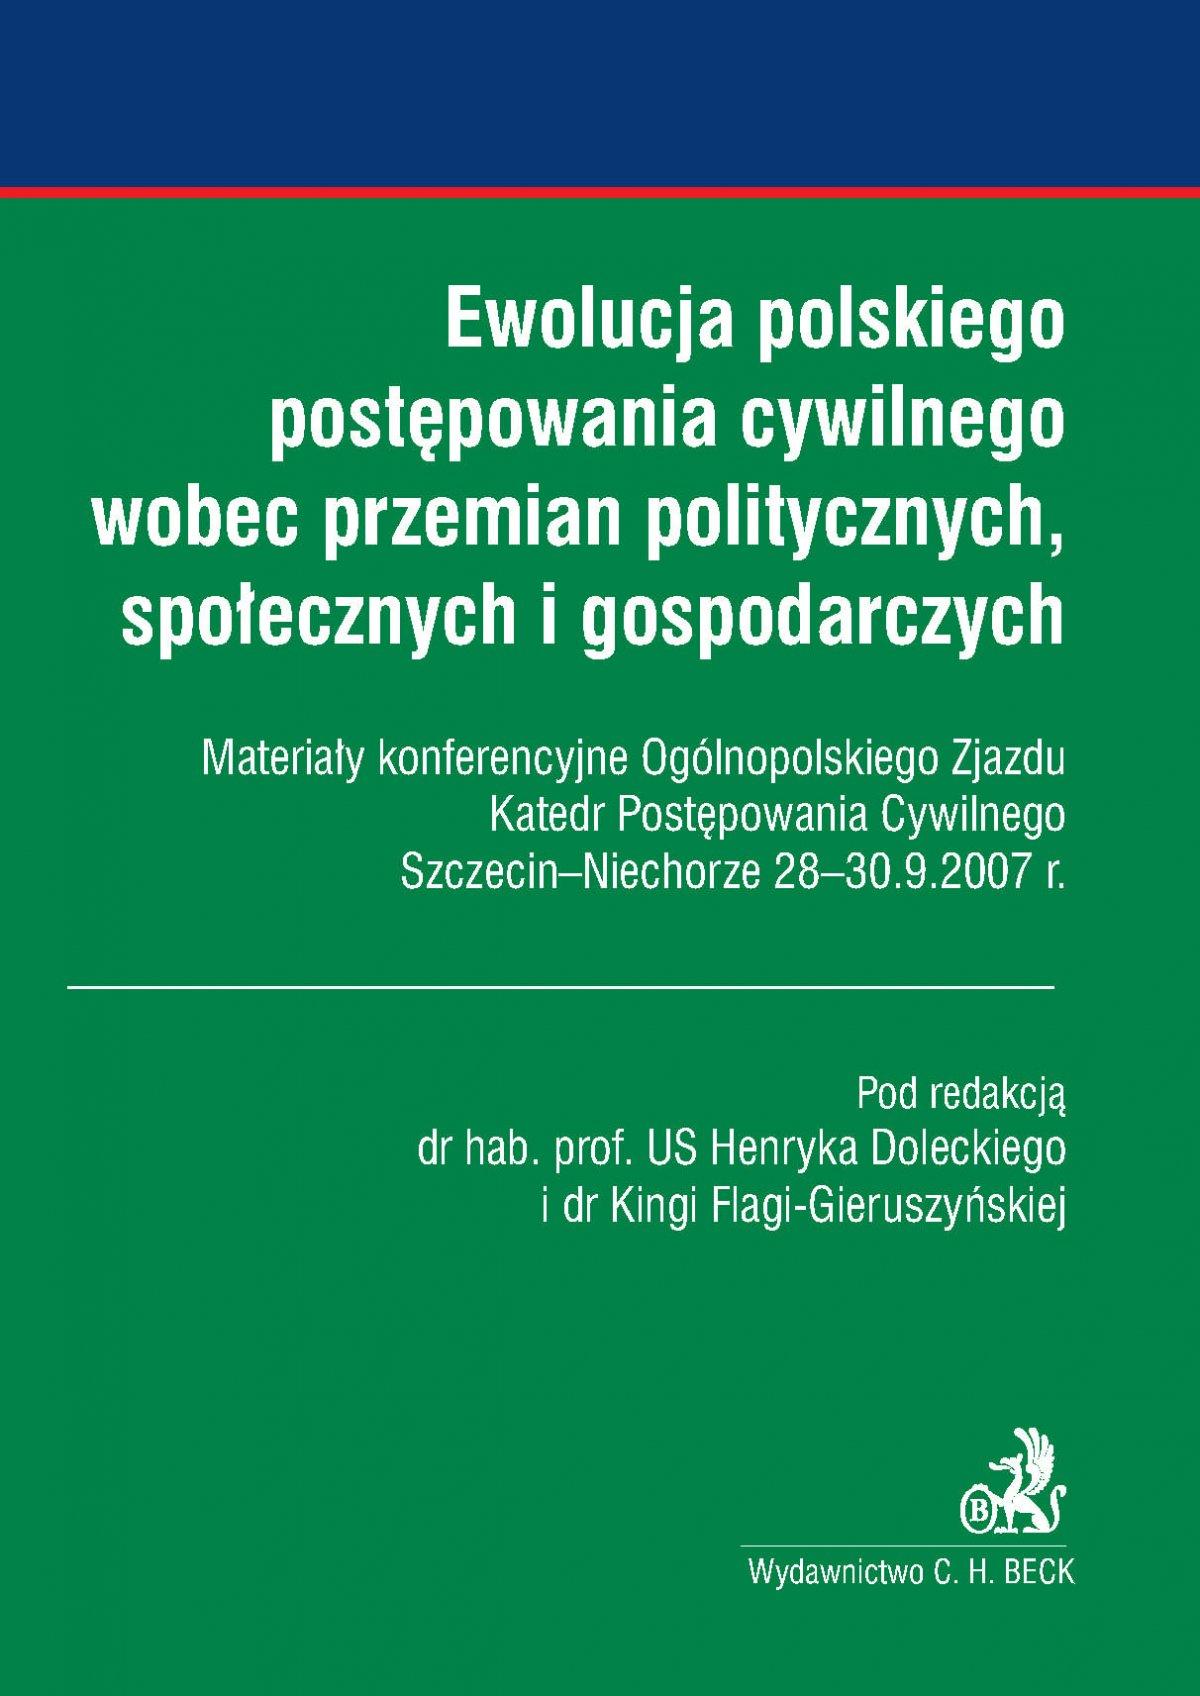 Ewolucja polskiego postępowania cywilnego wobec przemian politycznych, społecznych i gospodarczych - Ebook (Książka PDF) do pobrania w formacie PDF